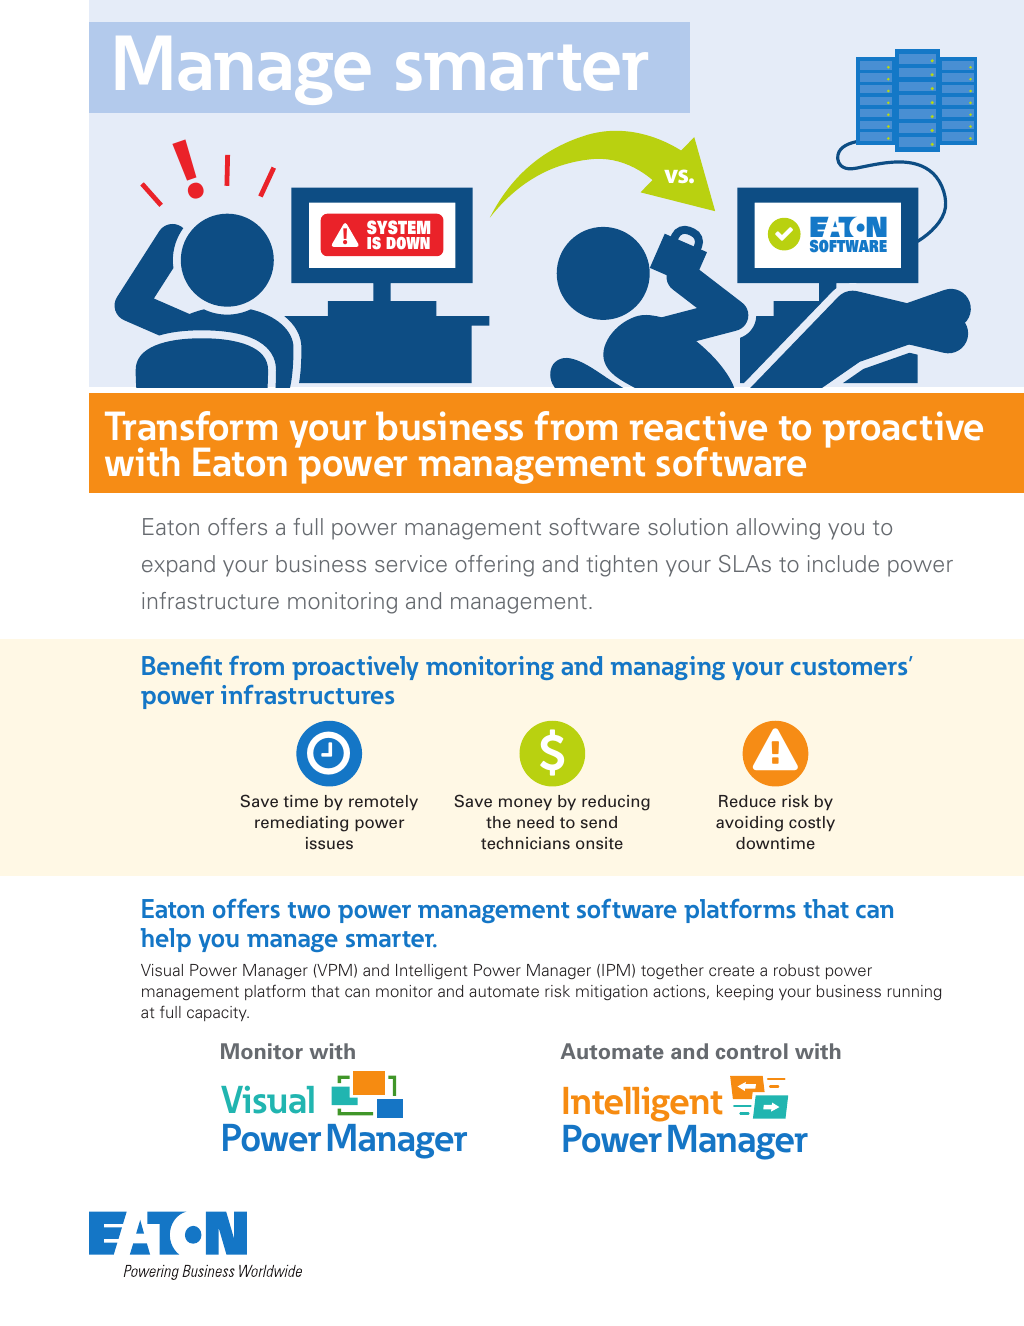 Eaton power management software comparison